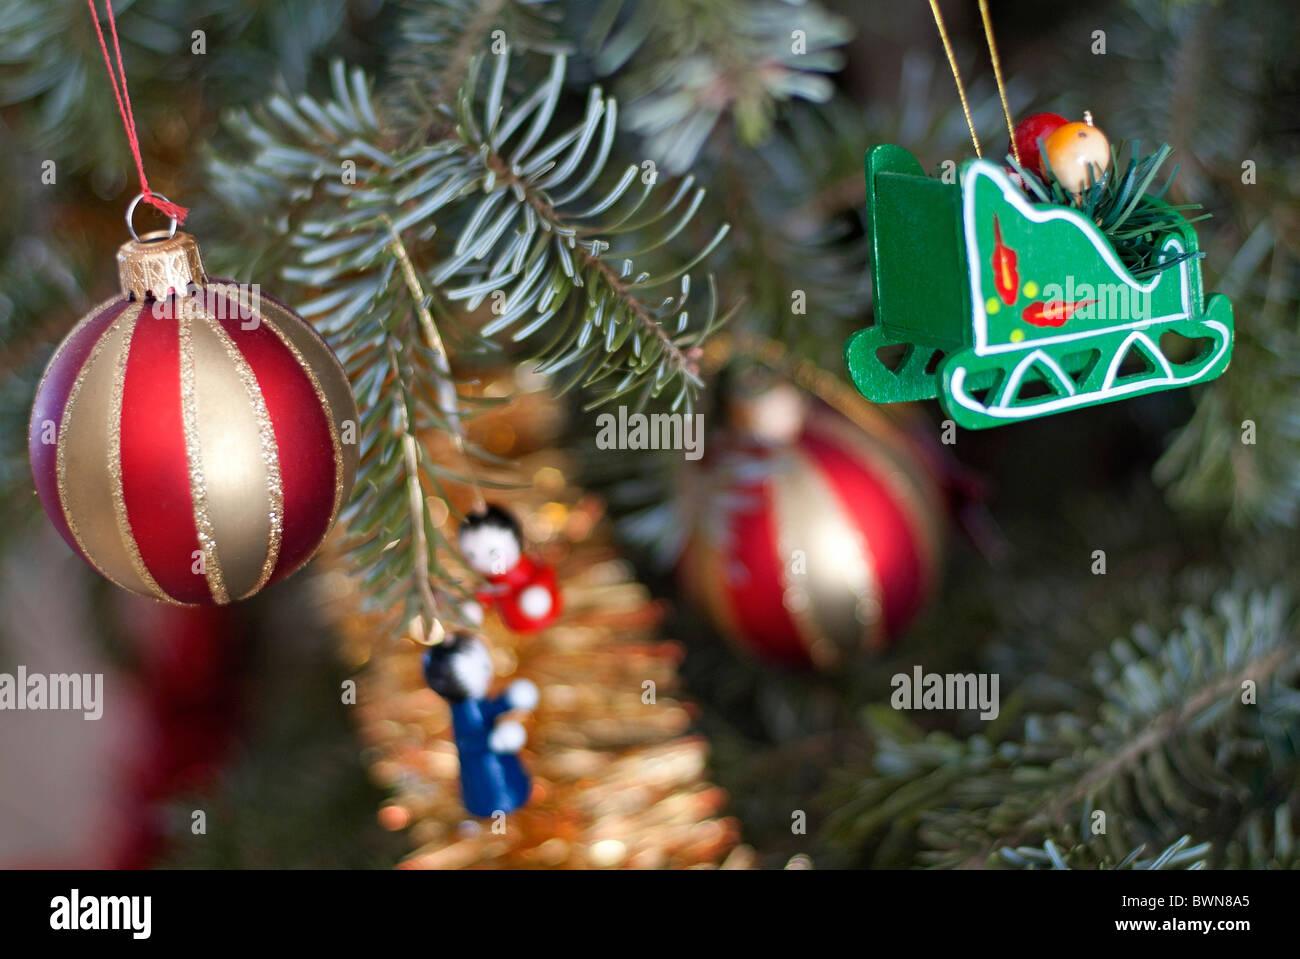 0a8449acb6d Vectores De Adornos De Navidad Imágenes De Stock   Vectores De ...